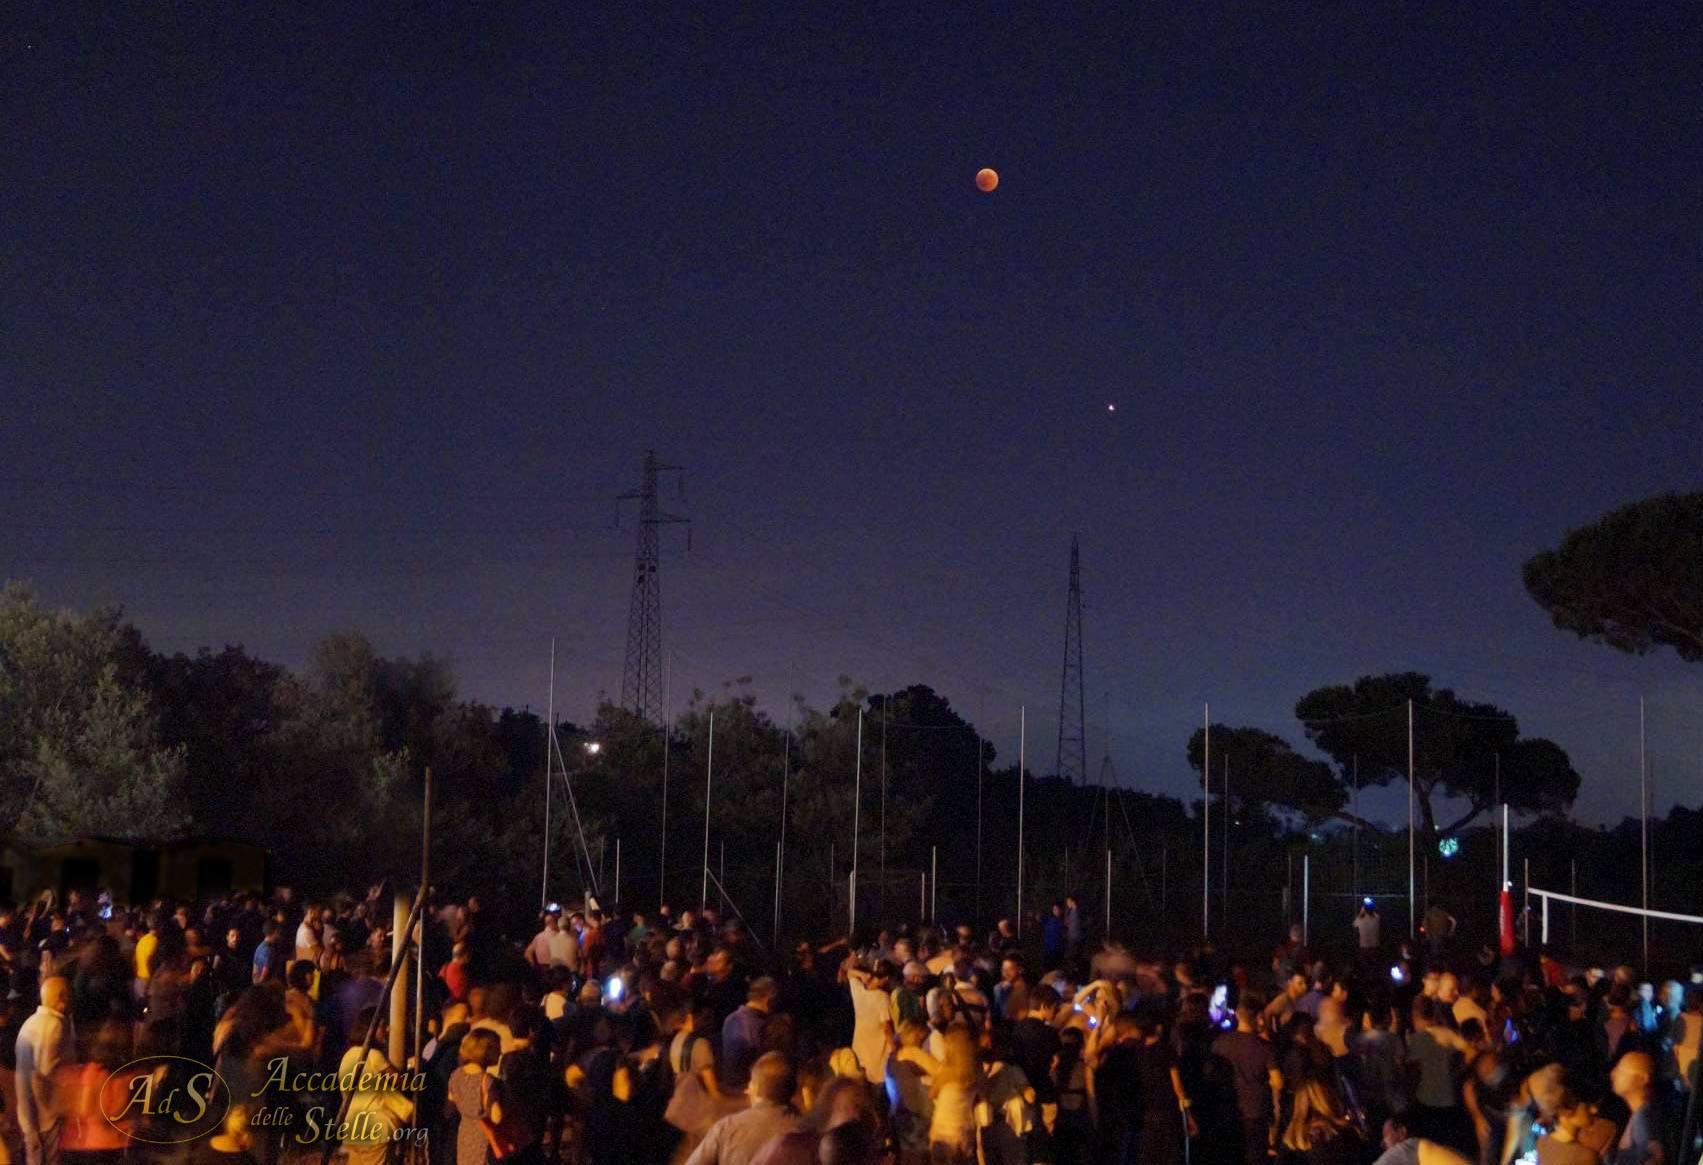 La folla radunata attorno ai telescopi di Accademia Delle Stelle - Astronomia fotografata sotto l'eccezionale coppia della serata astronomica: Luna in eclissi totale e Marte alla Grande Opposizione!